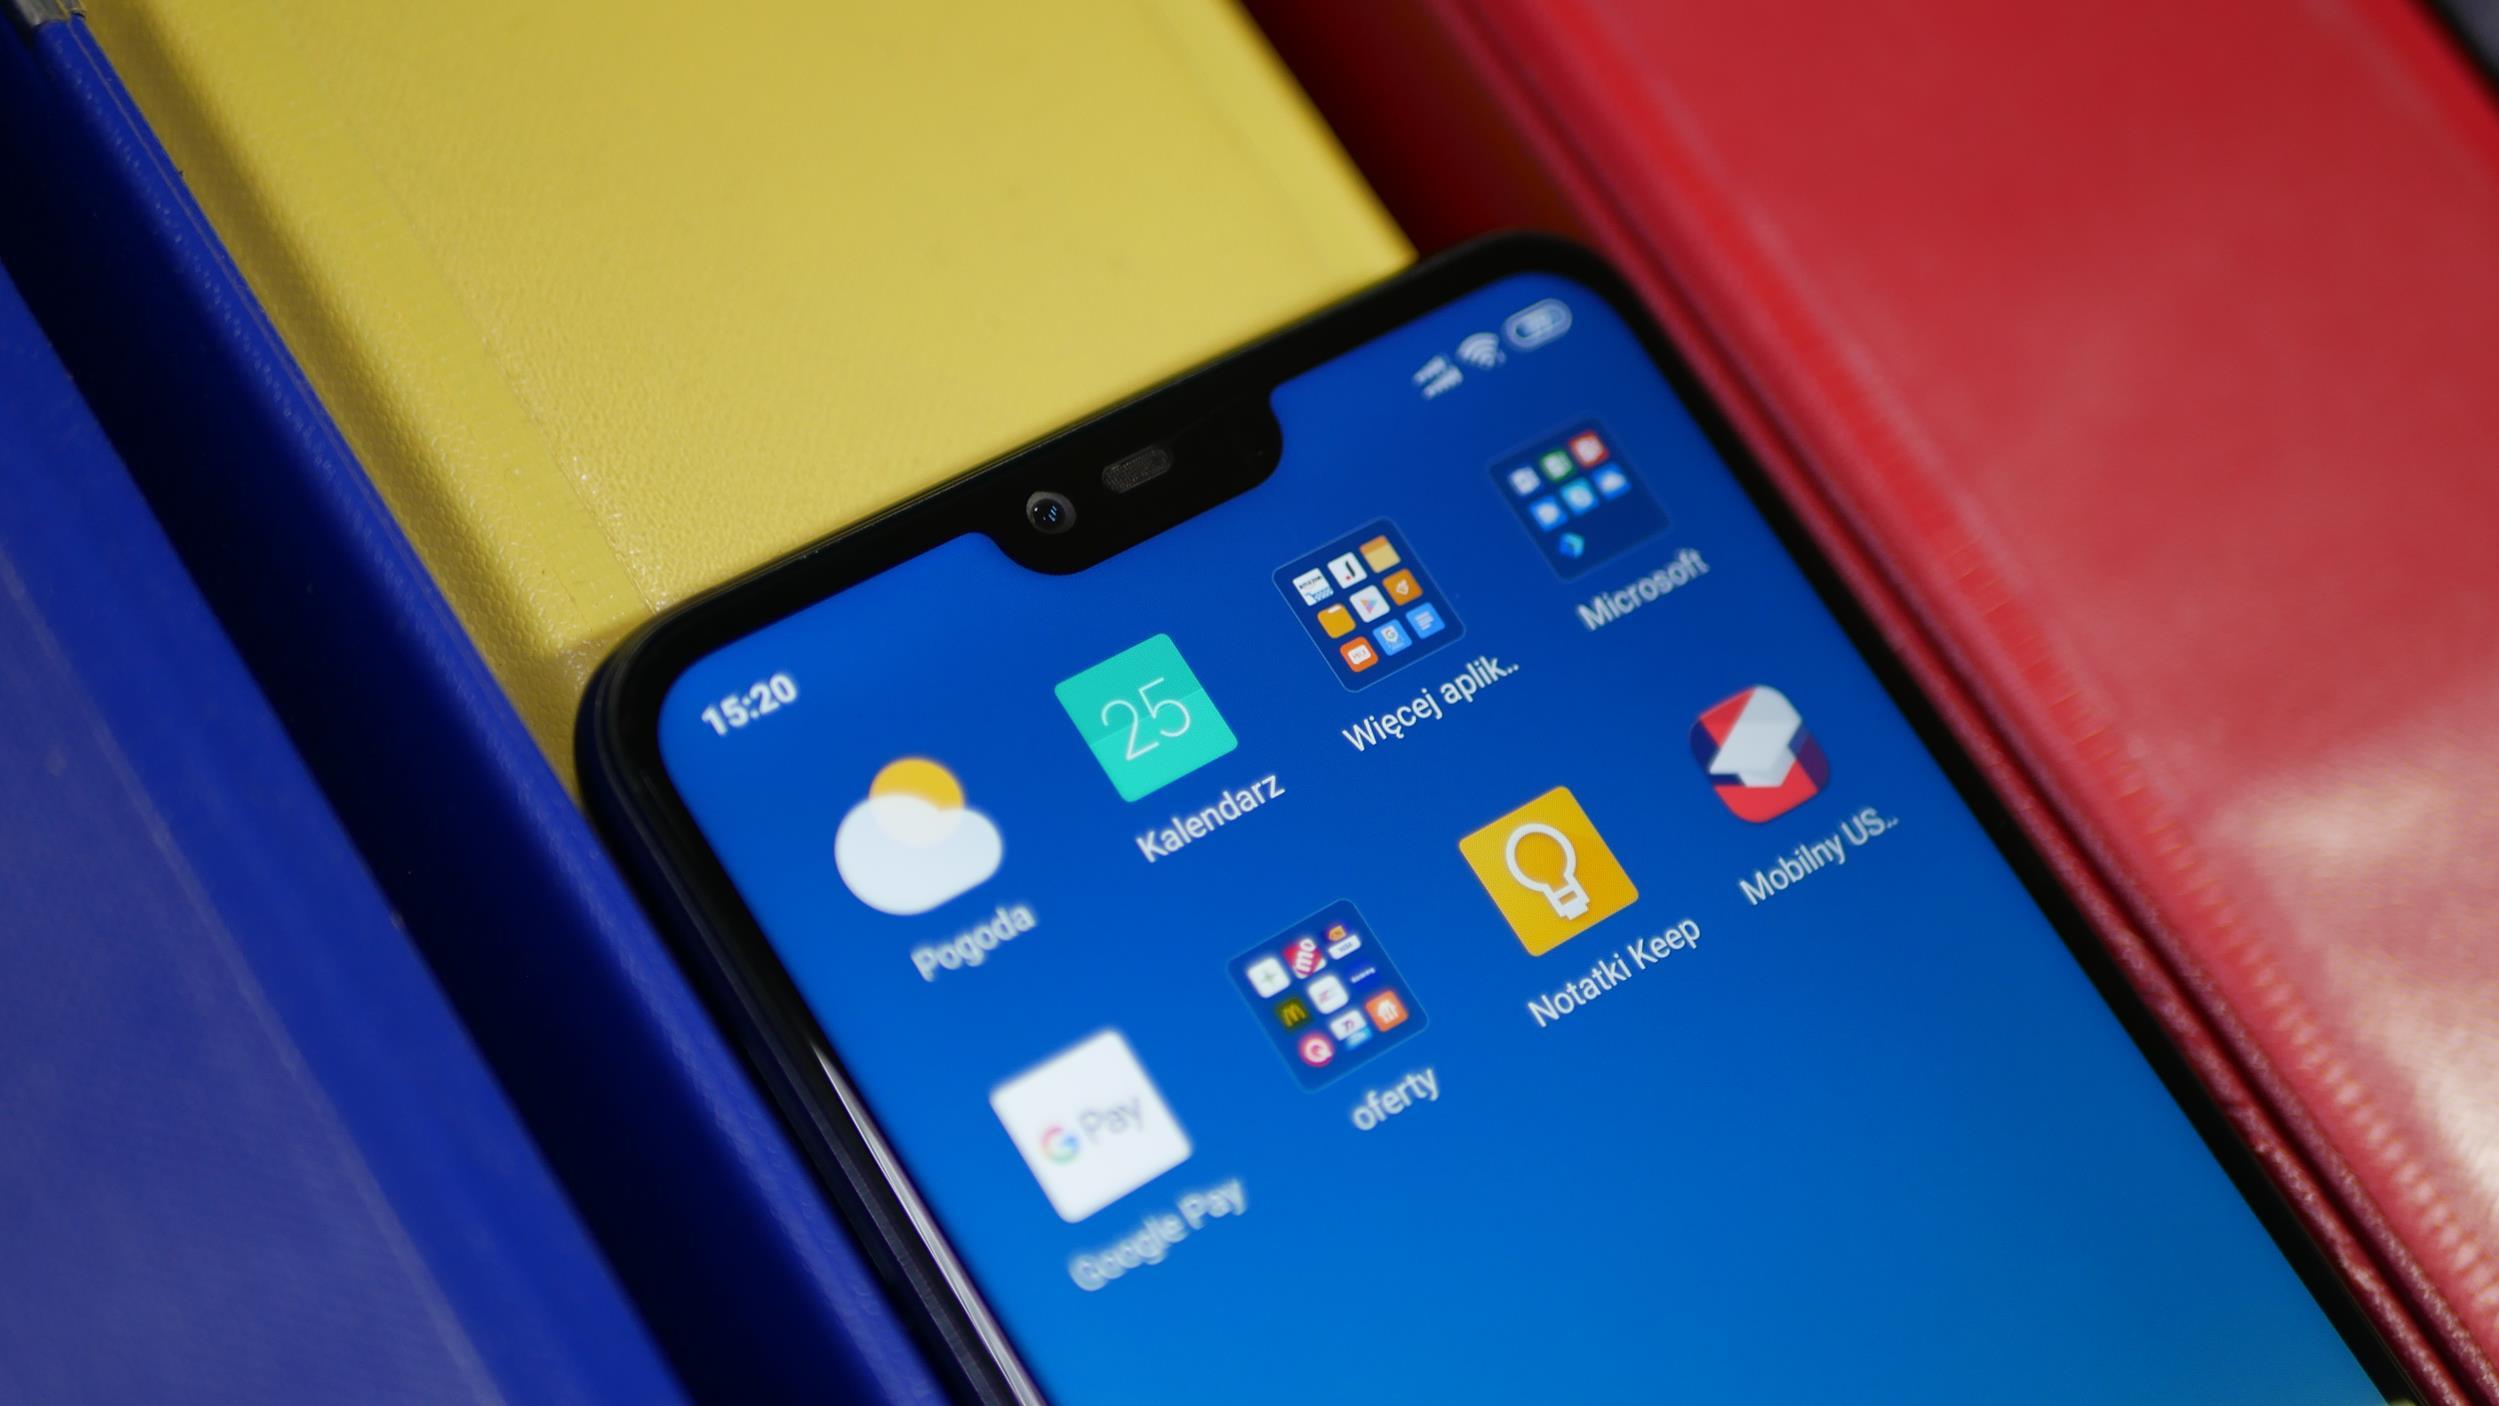 Recenzja Xiaomi Mi 8 Lite - fajnego średniaka pozostawiającego nutę niedosytu 27